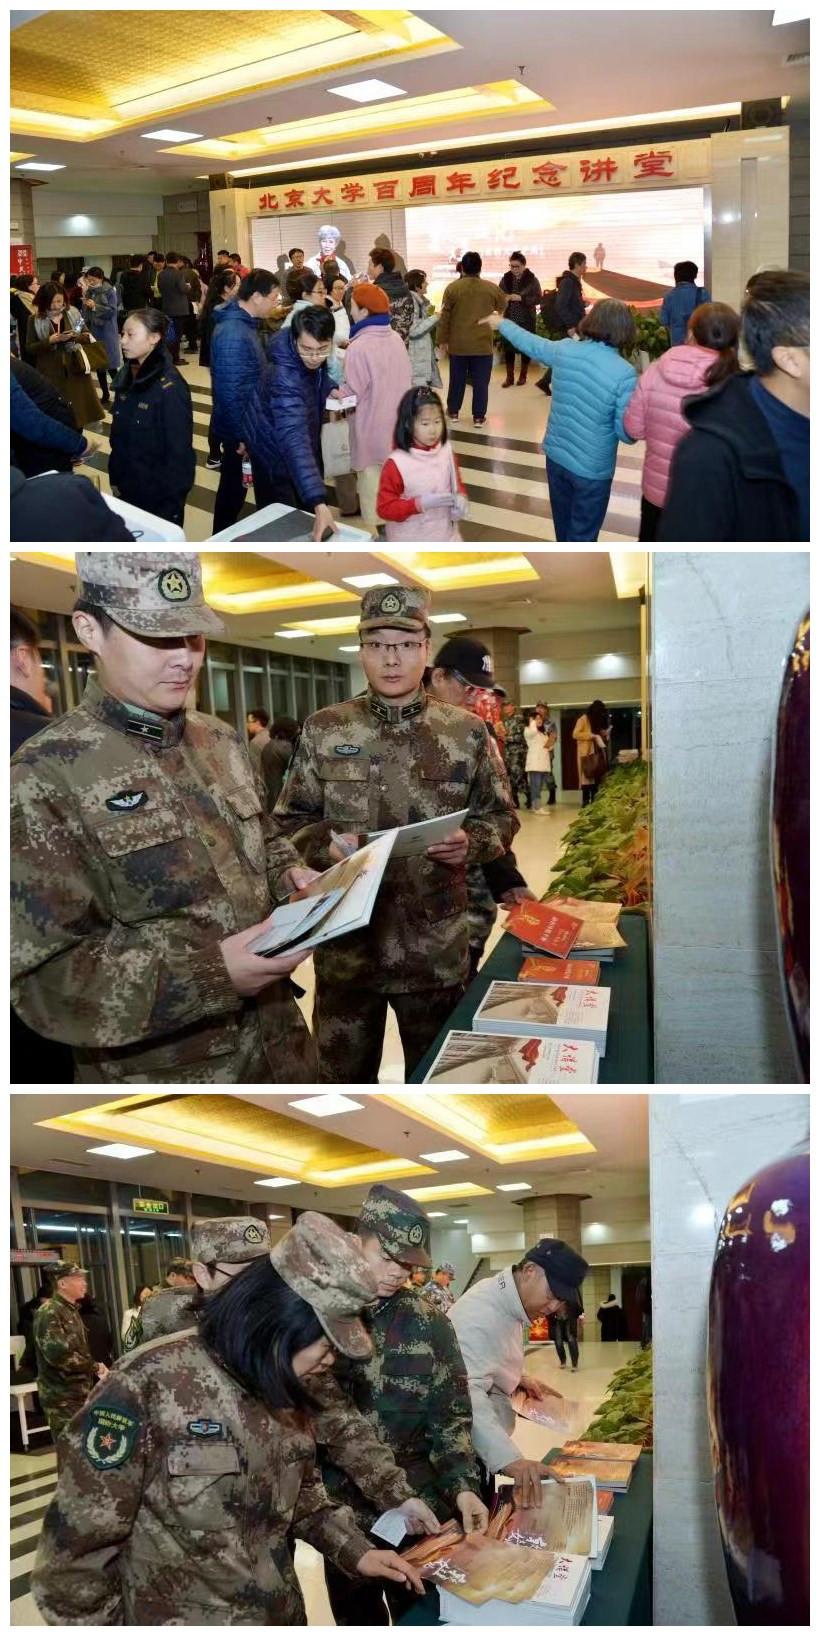 """一声声口哨是响亮的喝彩,上海沪剧院在北大清华""""培植""""新戏迷"""